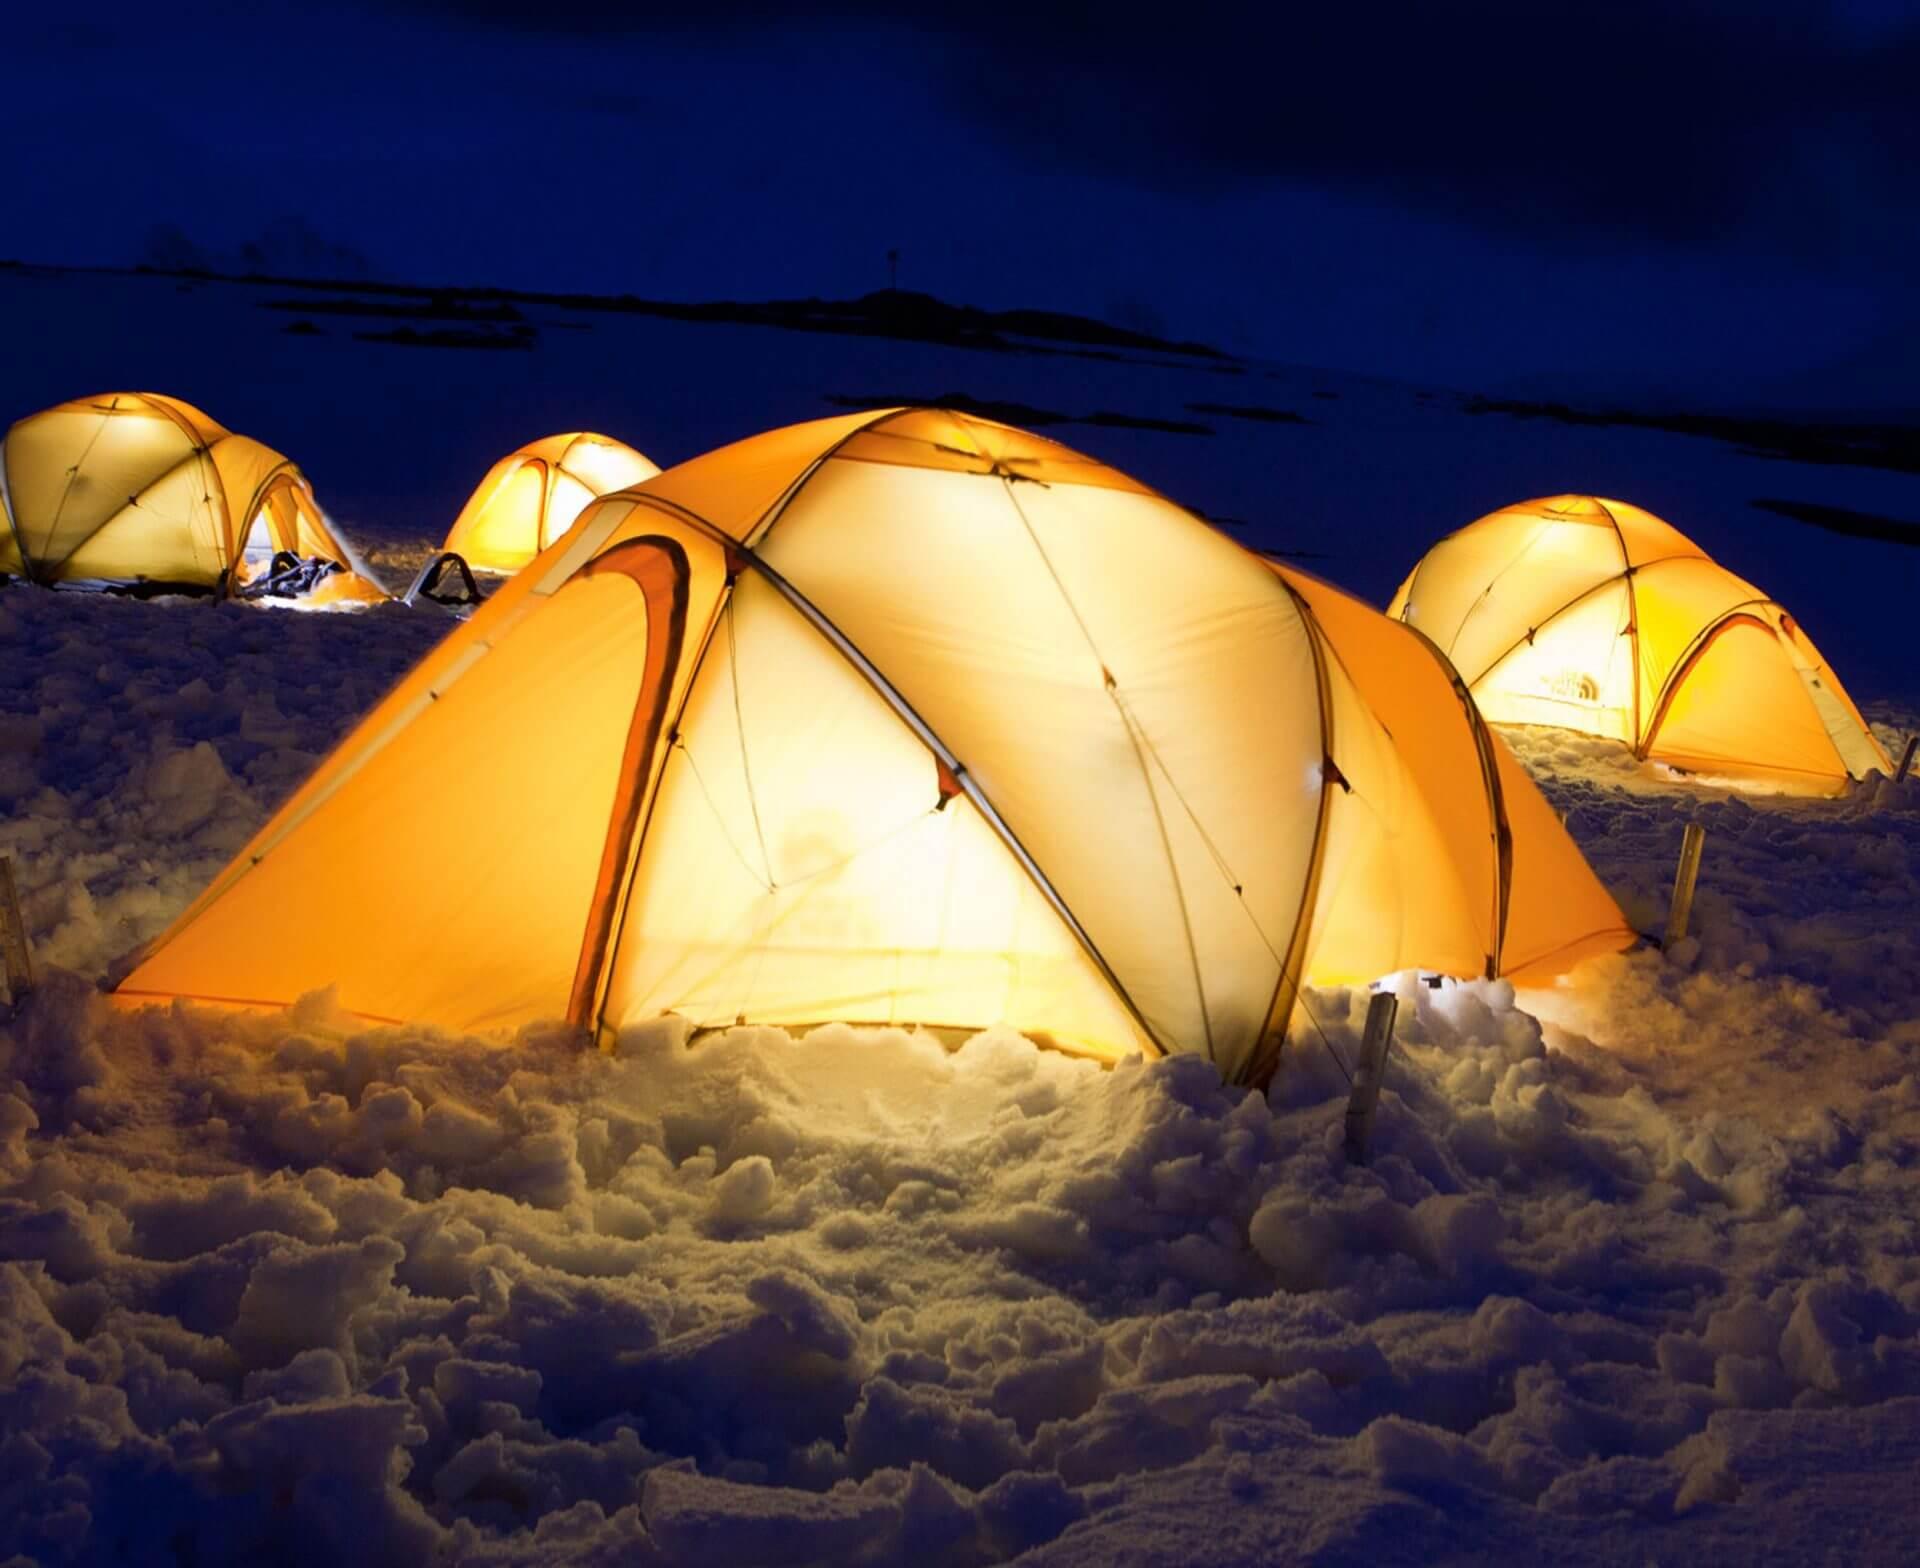 Zeltcamp bei einer Basecamp-Expedition in die Antarktis